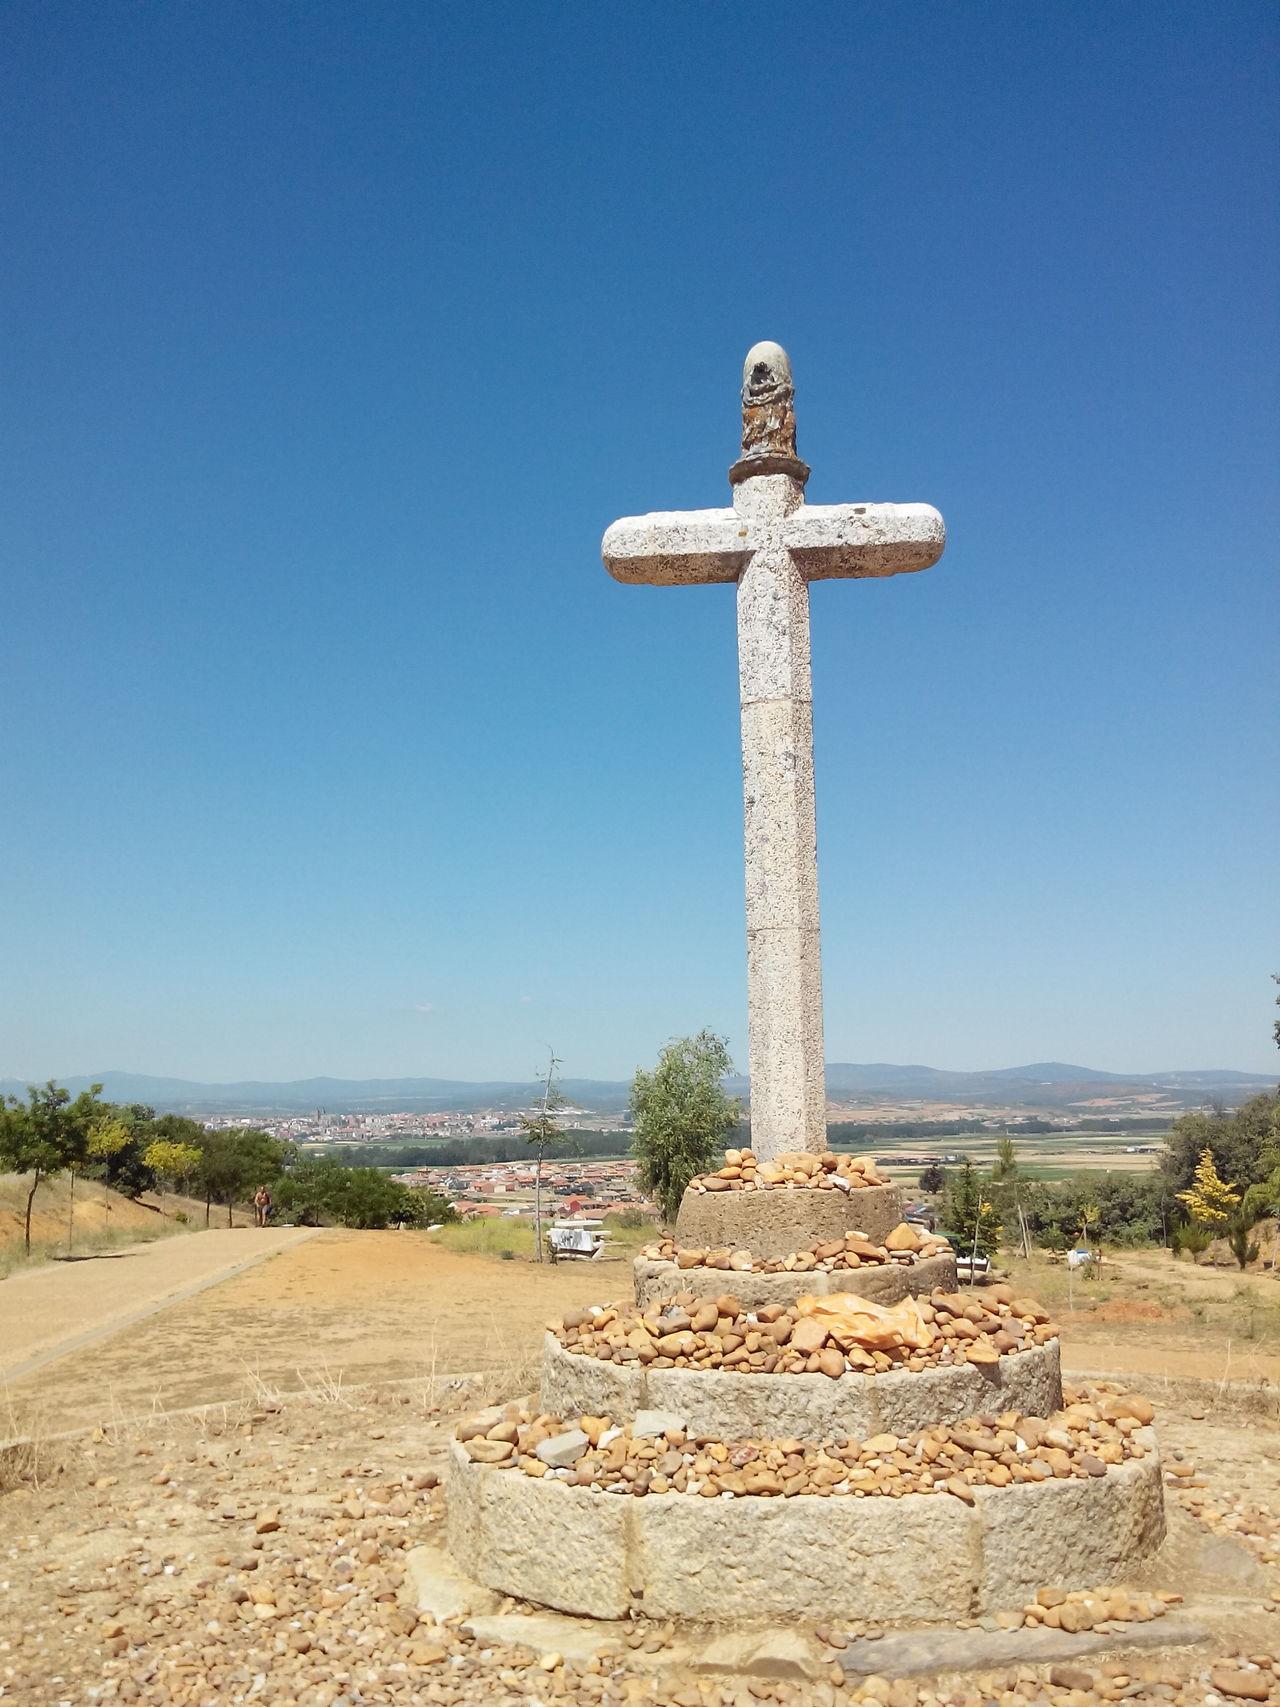 Camino CaminodeSantiago Cross El Camino De Santiago Himmel Jakobsweg Kreuz  Pilgern Pilgrimage Sky Way Of Saint James